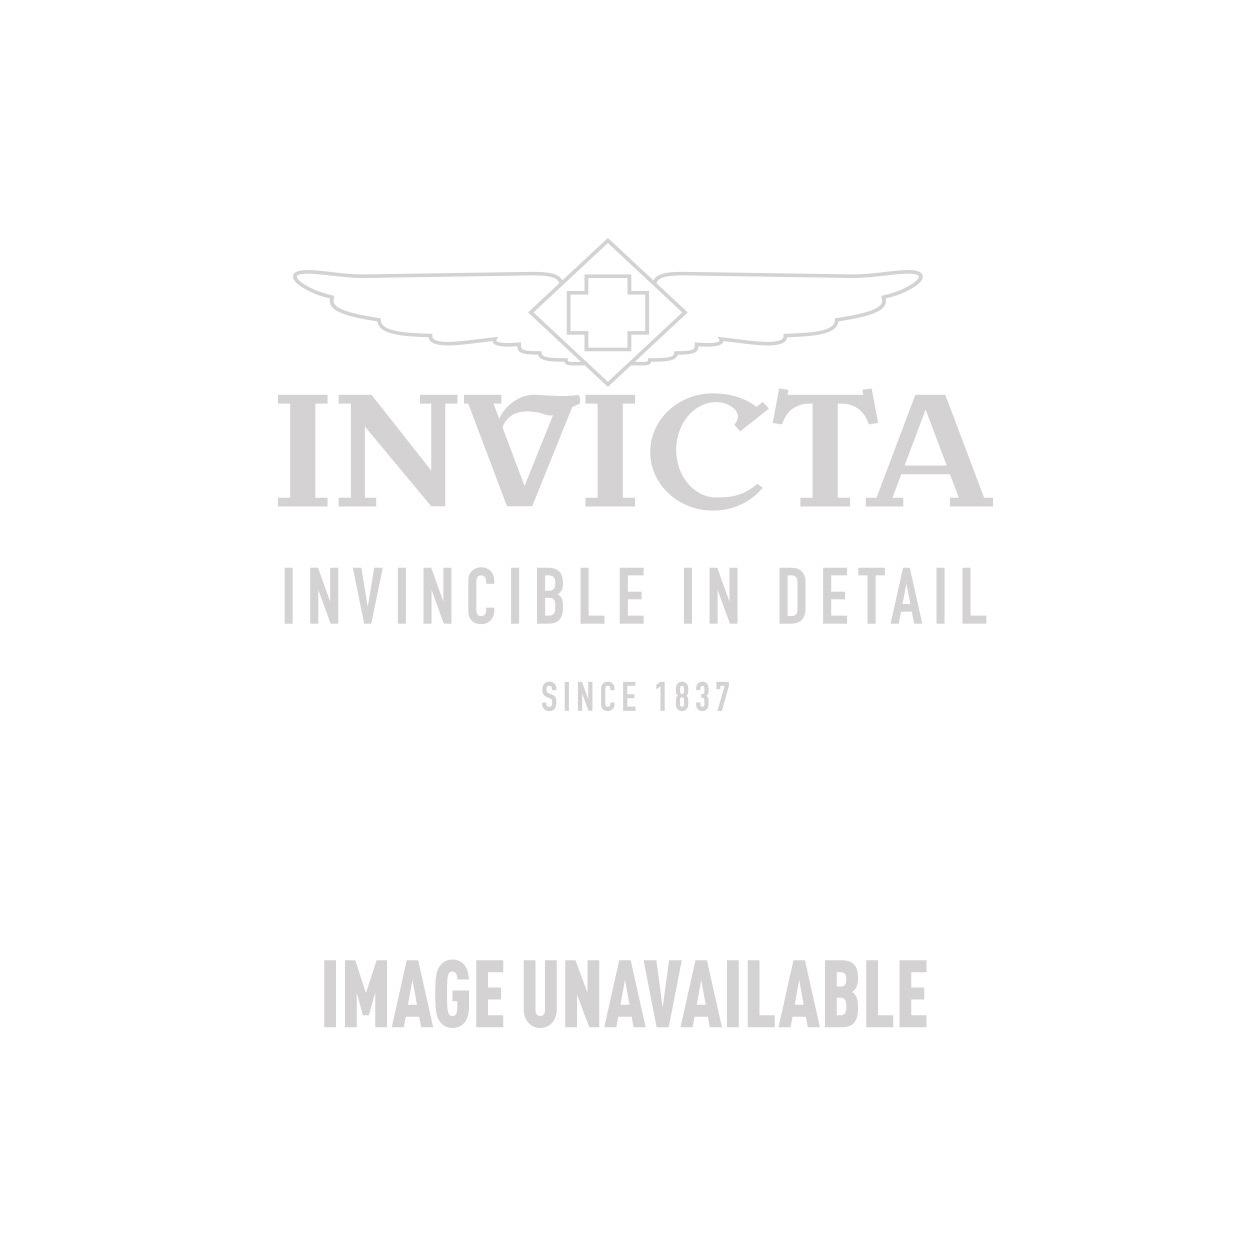 Invicta Model 22298